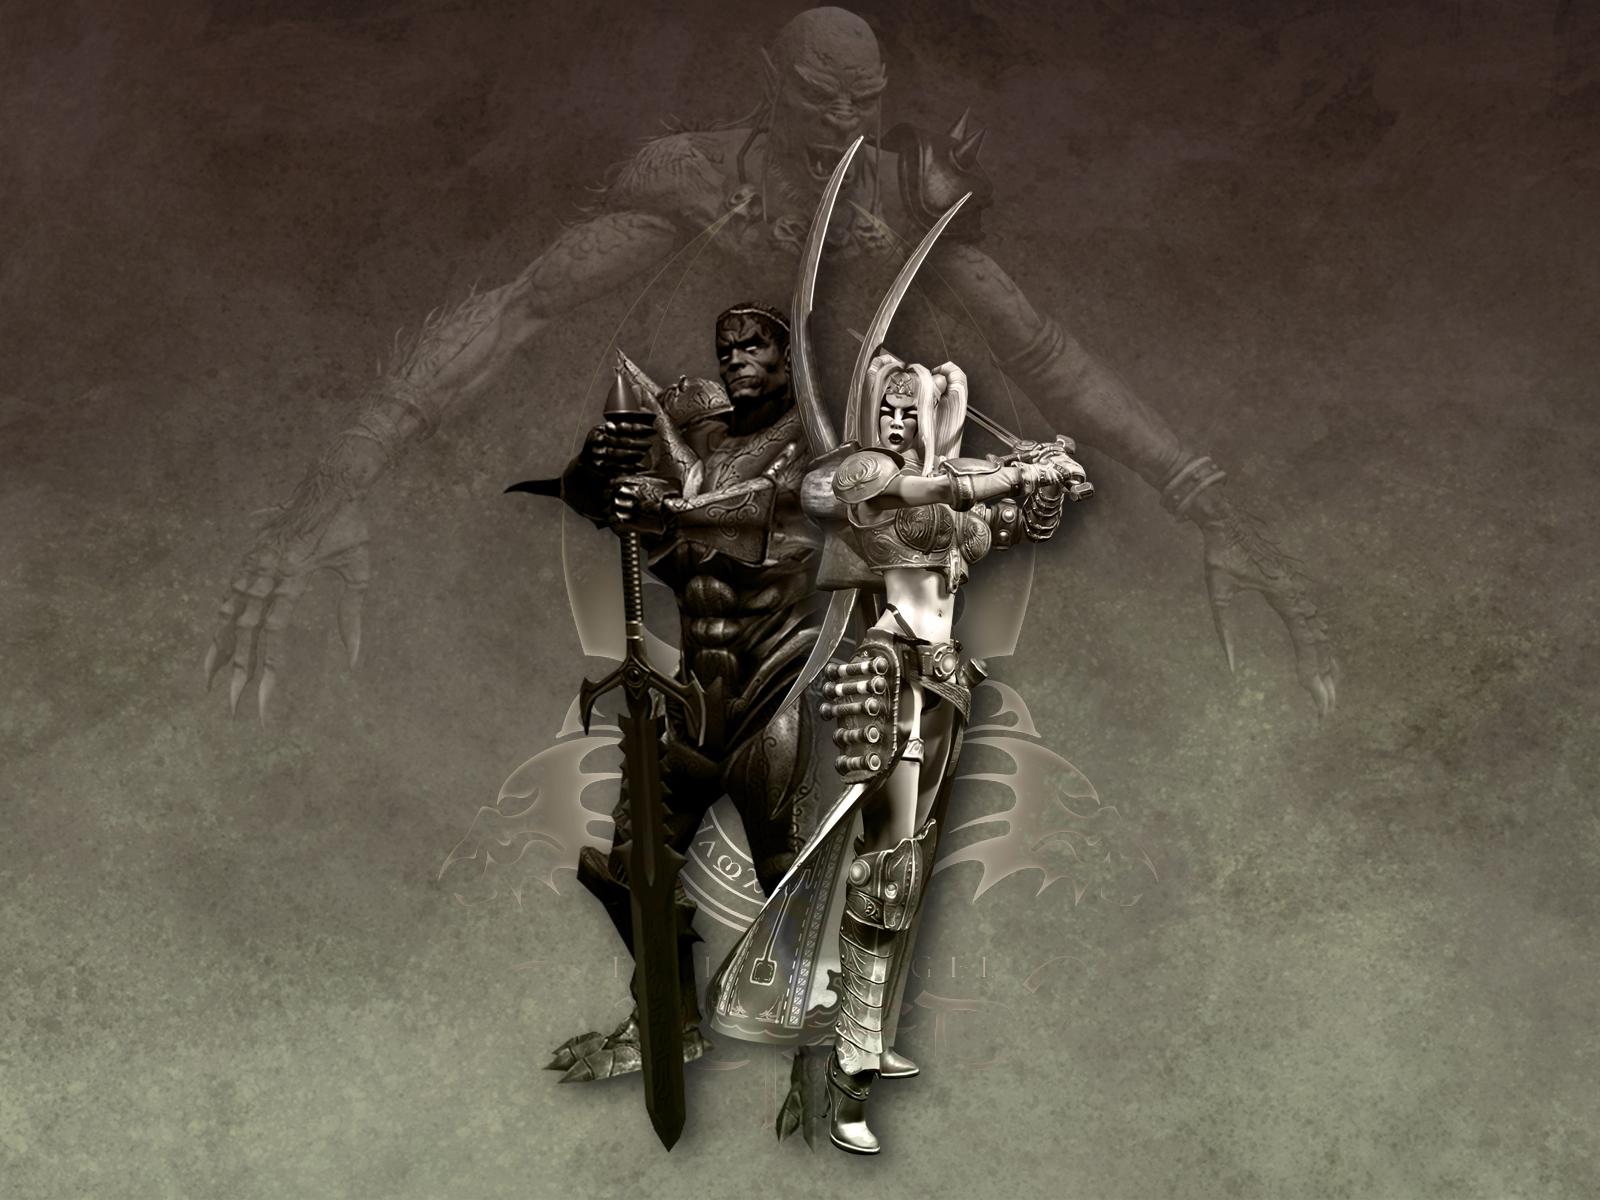 wallpaper spiele bild details von sacred 2 fallen angel wallpaper 1600x1200